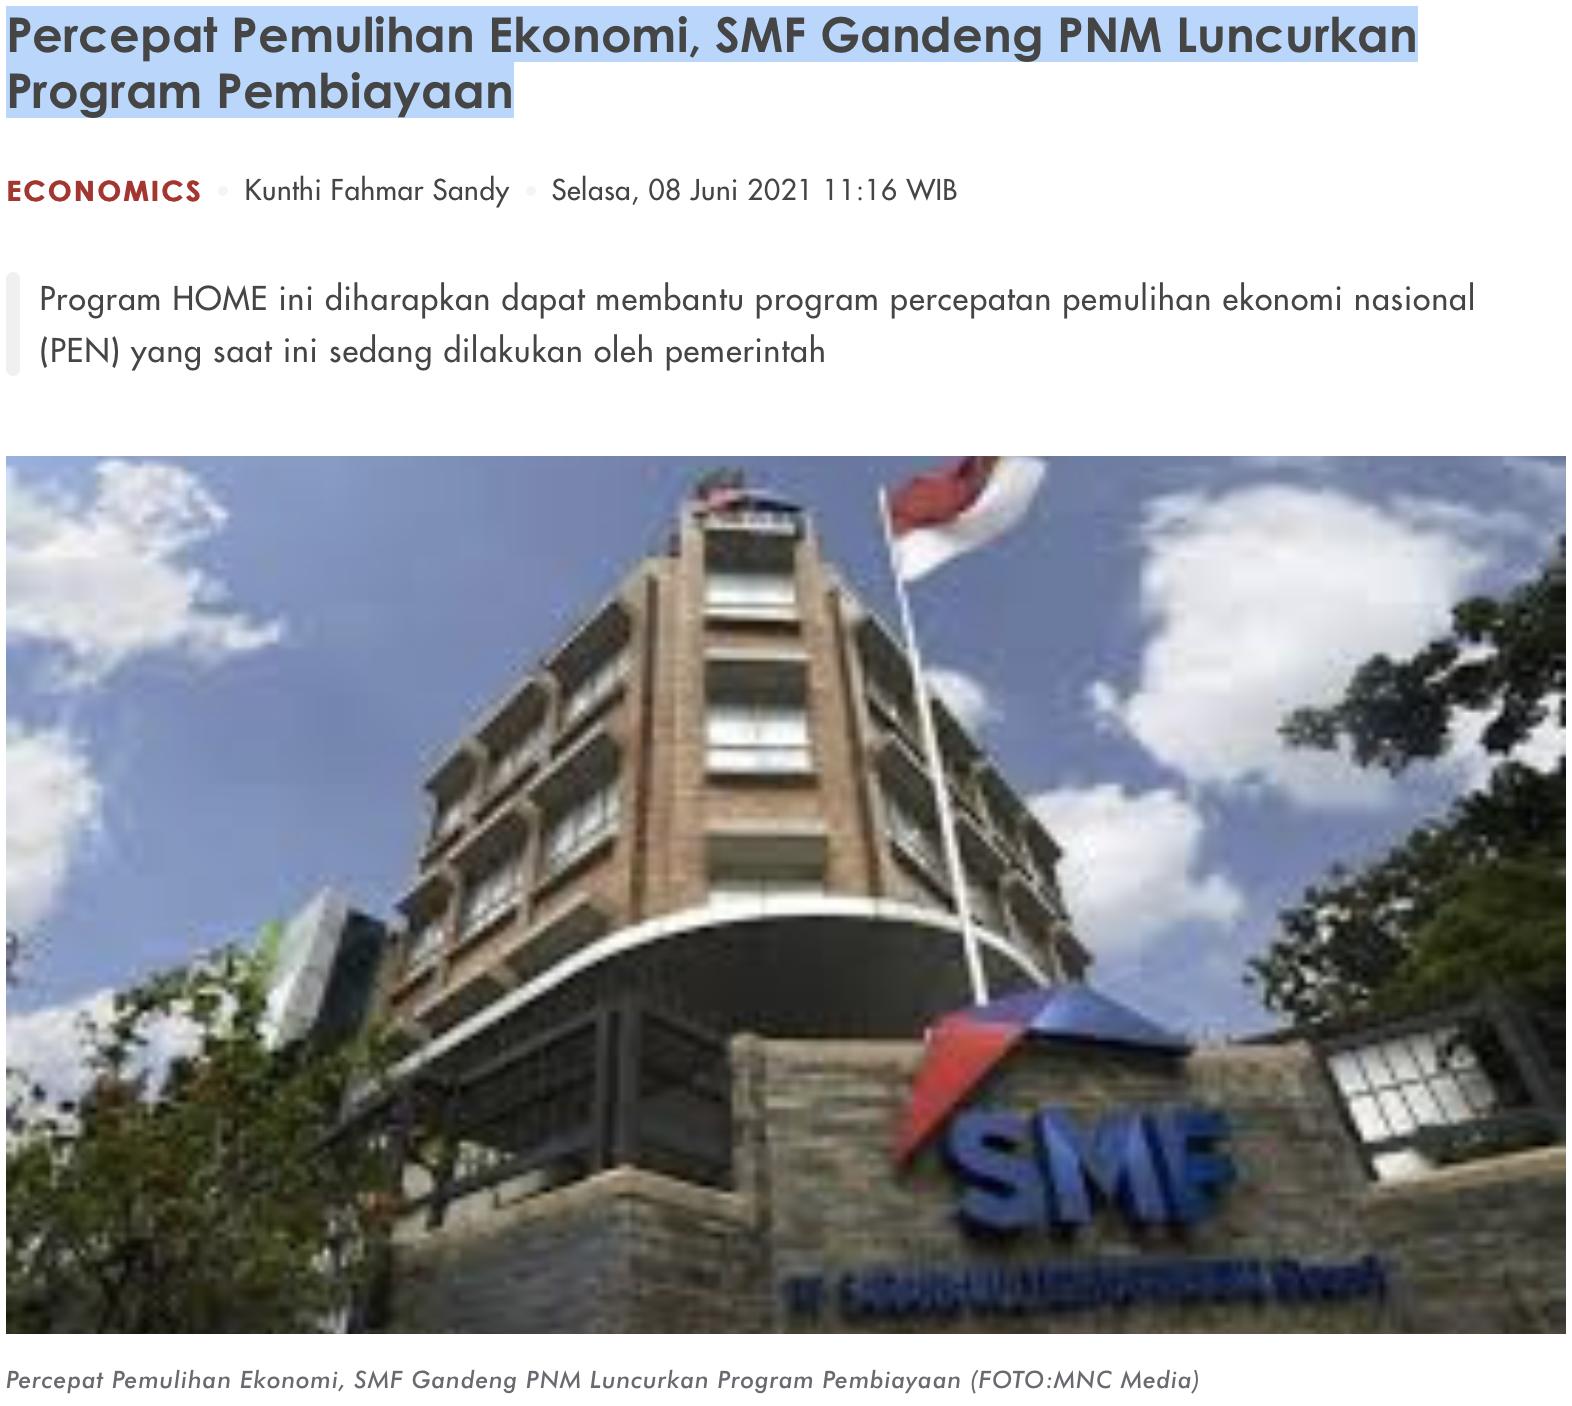 Percepat Pemulihan Ekonomi, SMF Gandeng PNM Luncurkan Program Pembiayaan